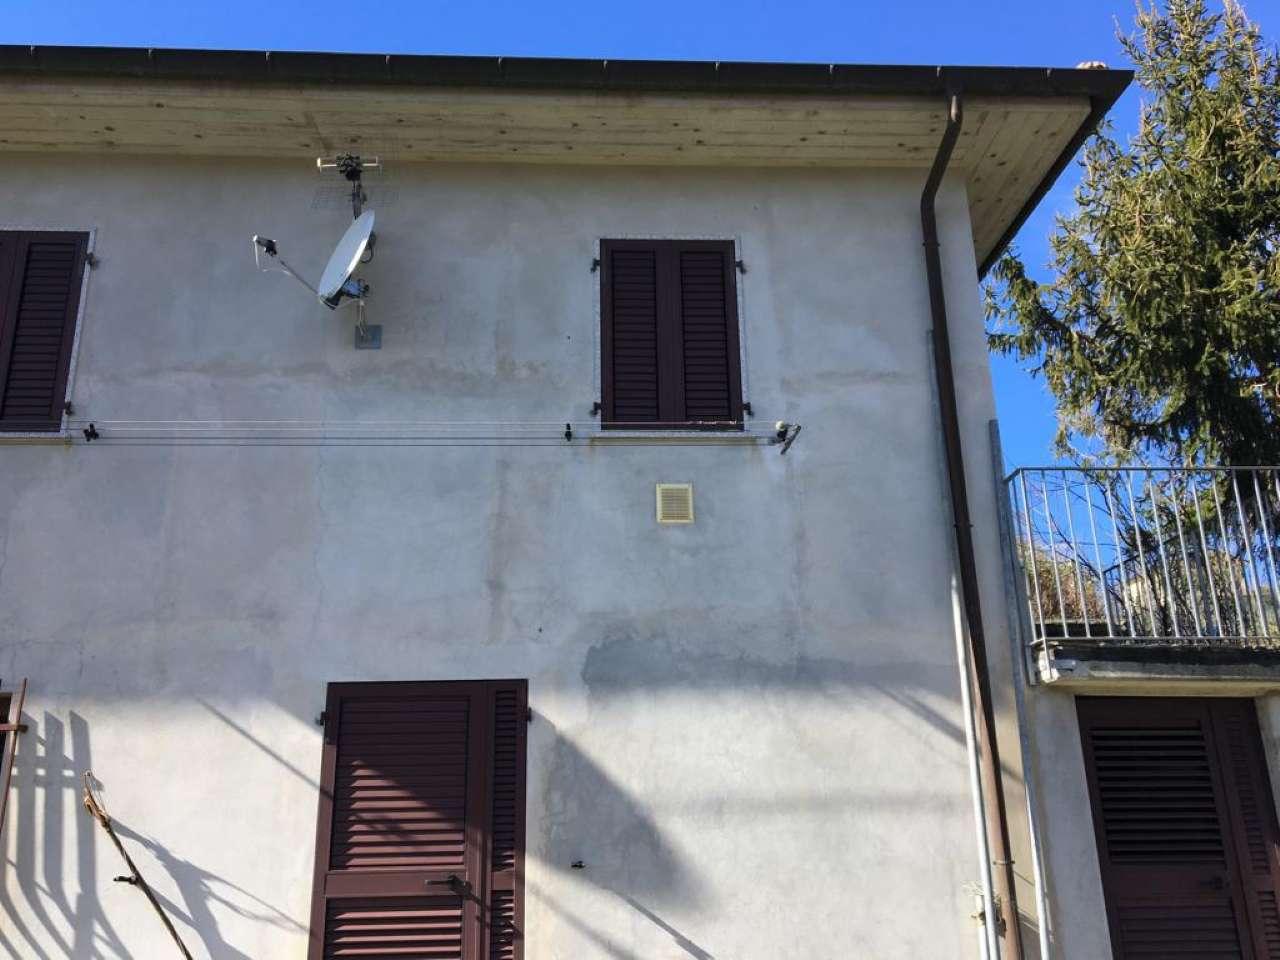 Appartamento in vendita a Sesta Godano, 3 locali, prezzo € 69.000 | CambioCasa.it